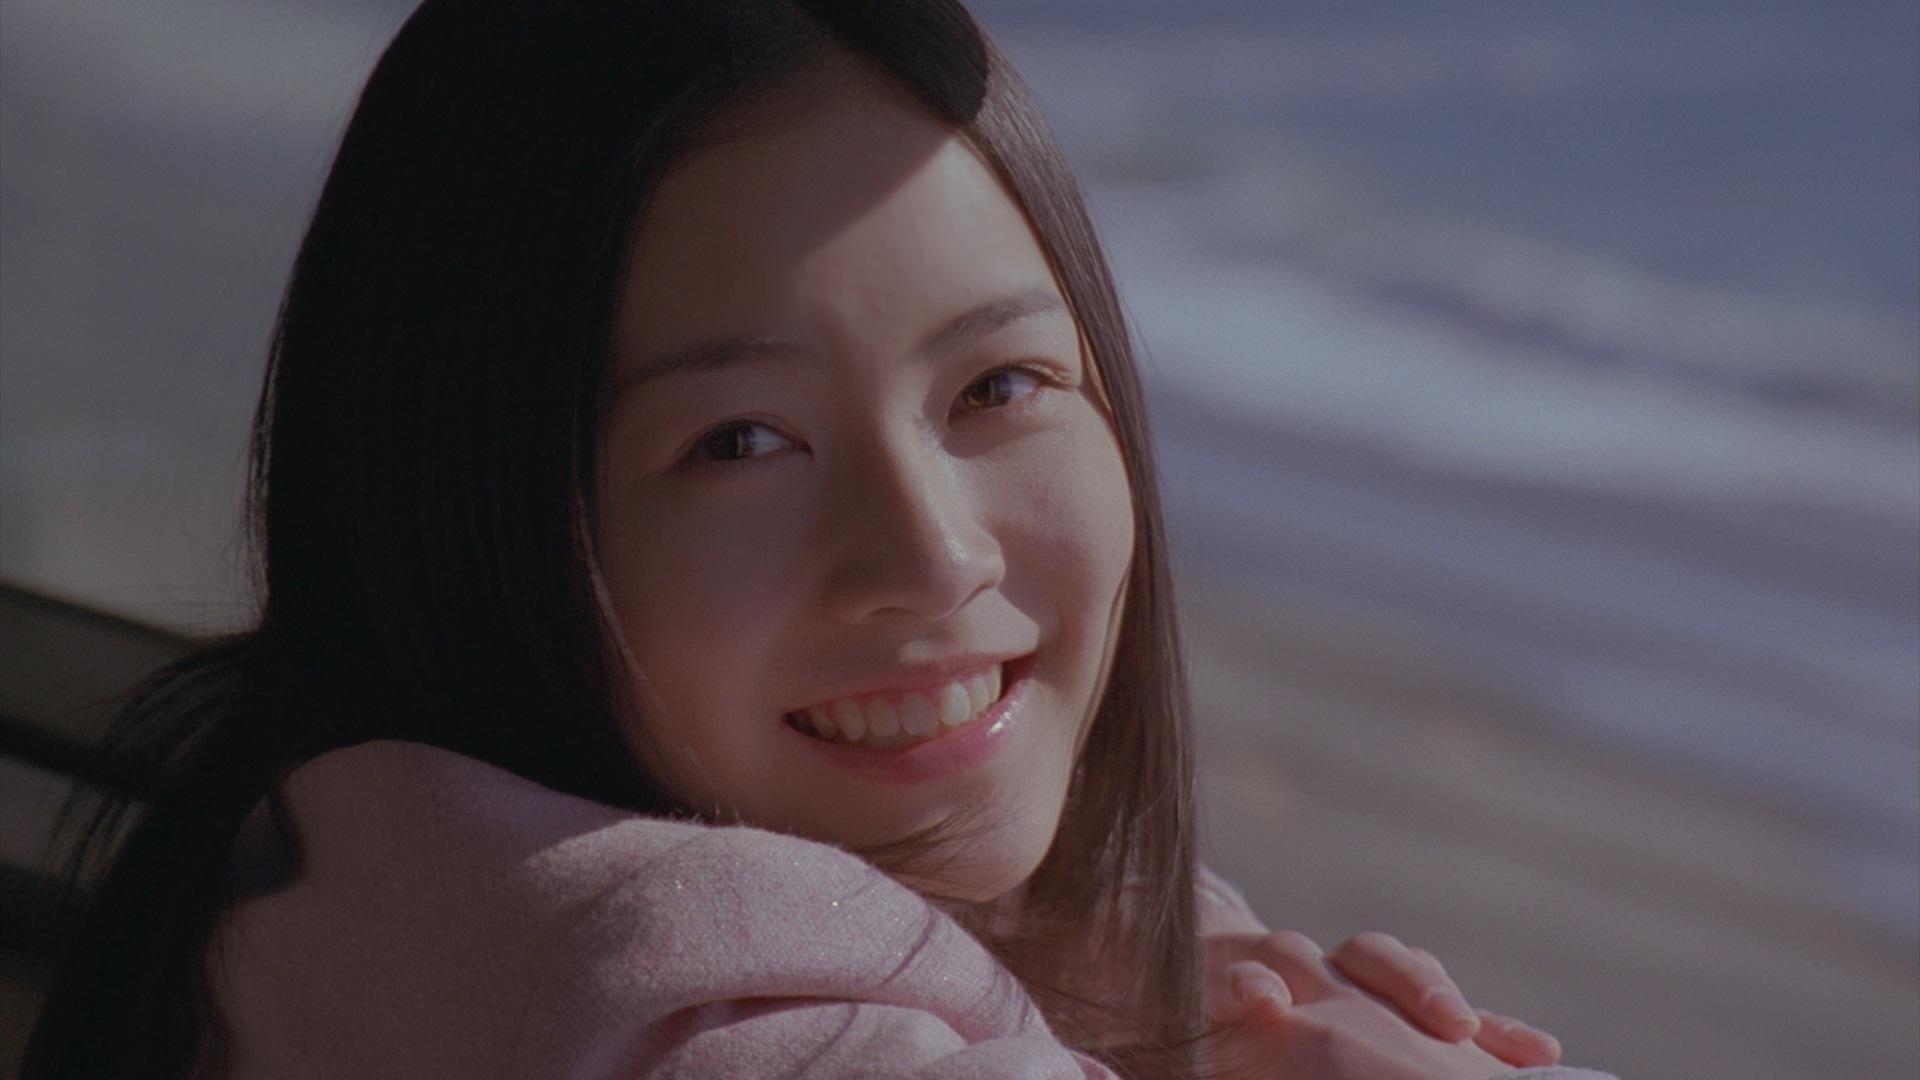 『桜の木になろう』MVでの松井珠理奈(C)AKS/キングレコード